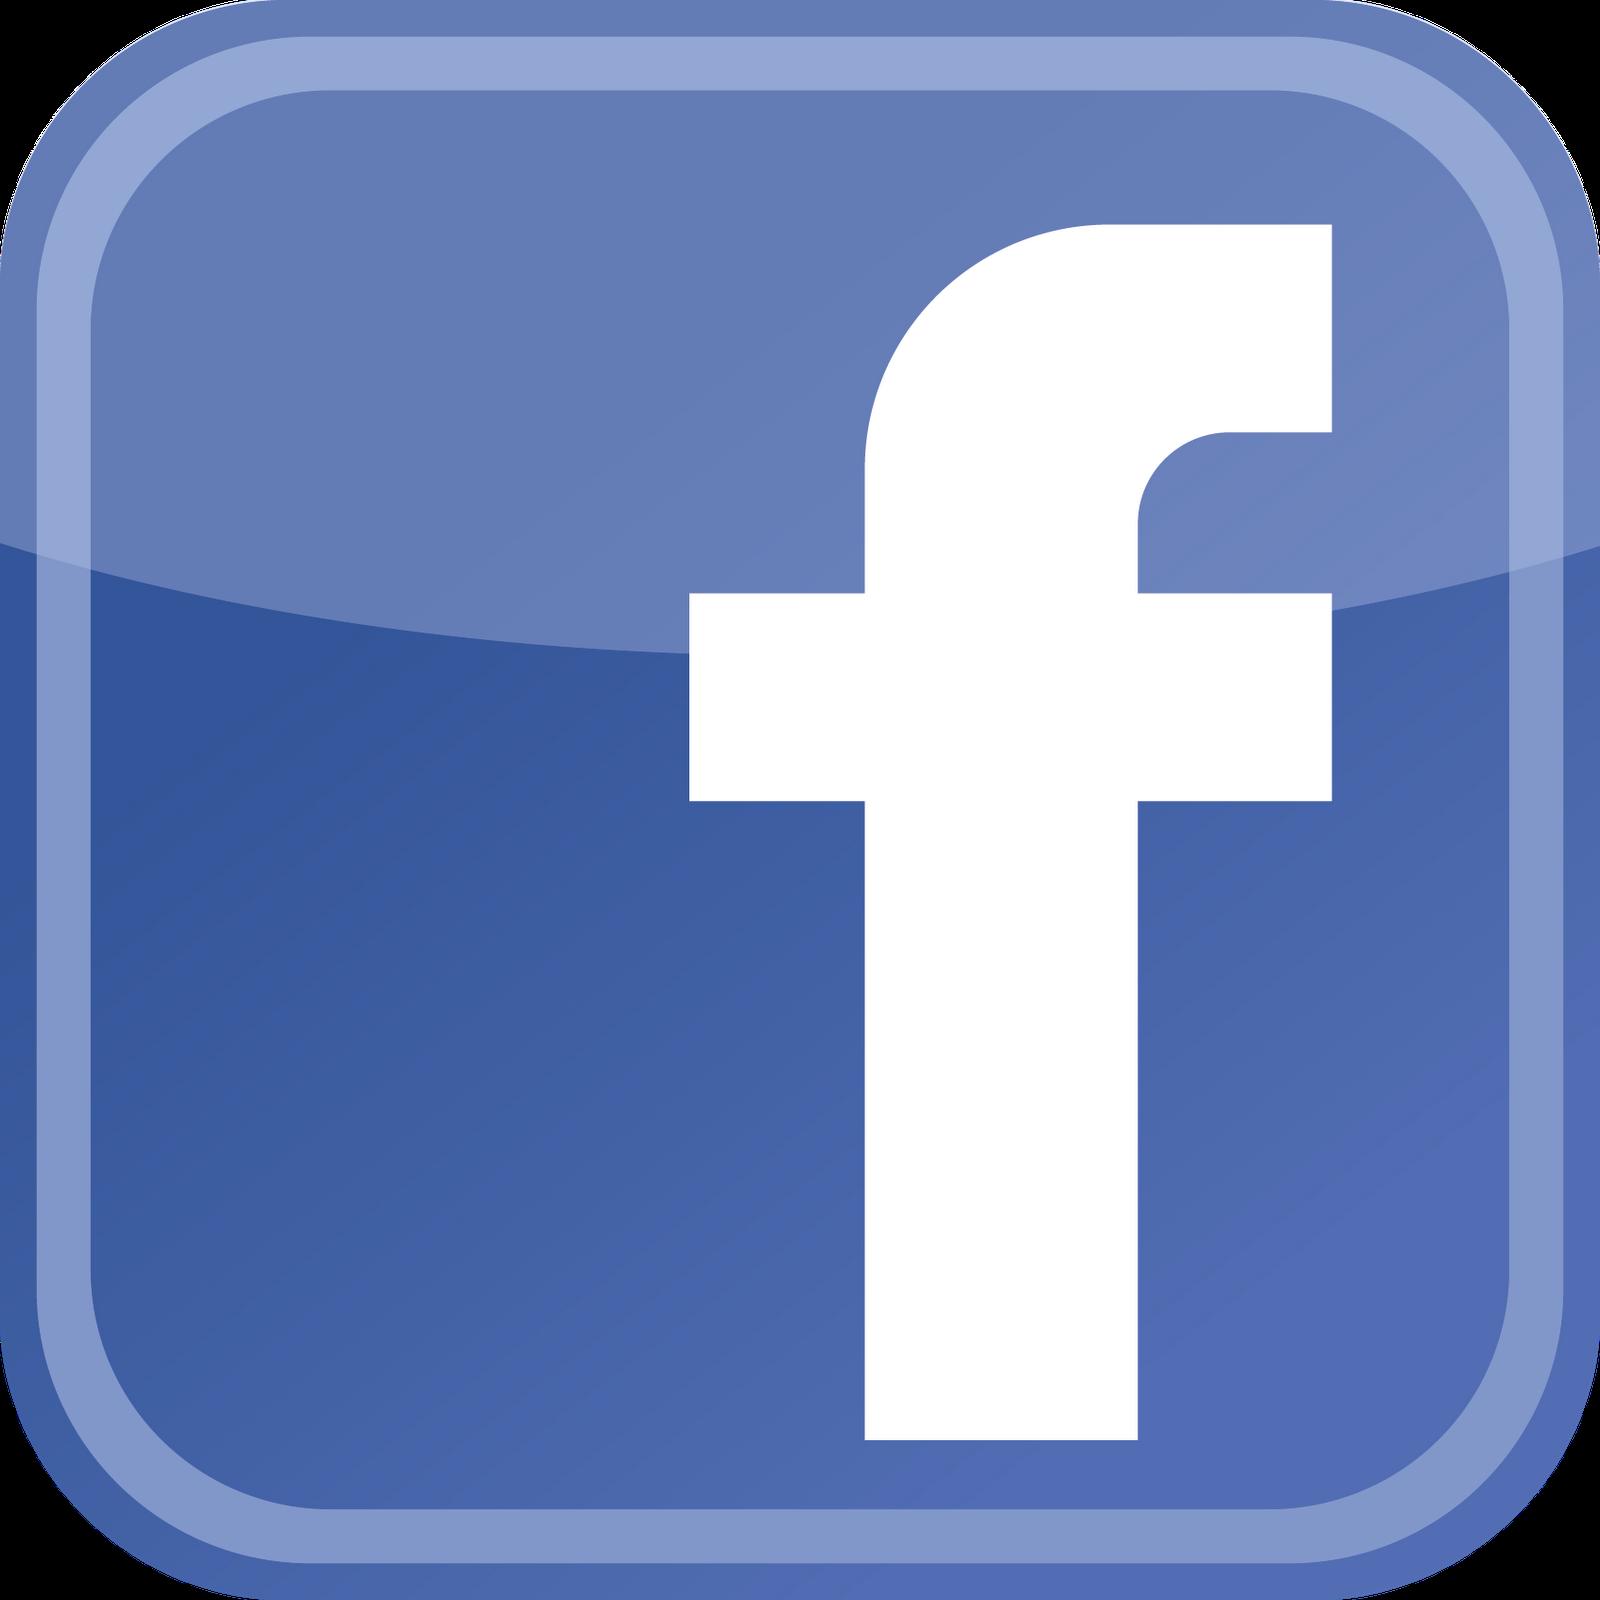 фейсбук социальная сеть поиск людей